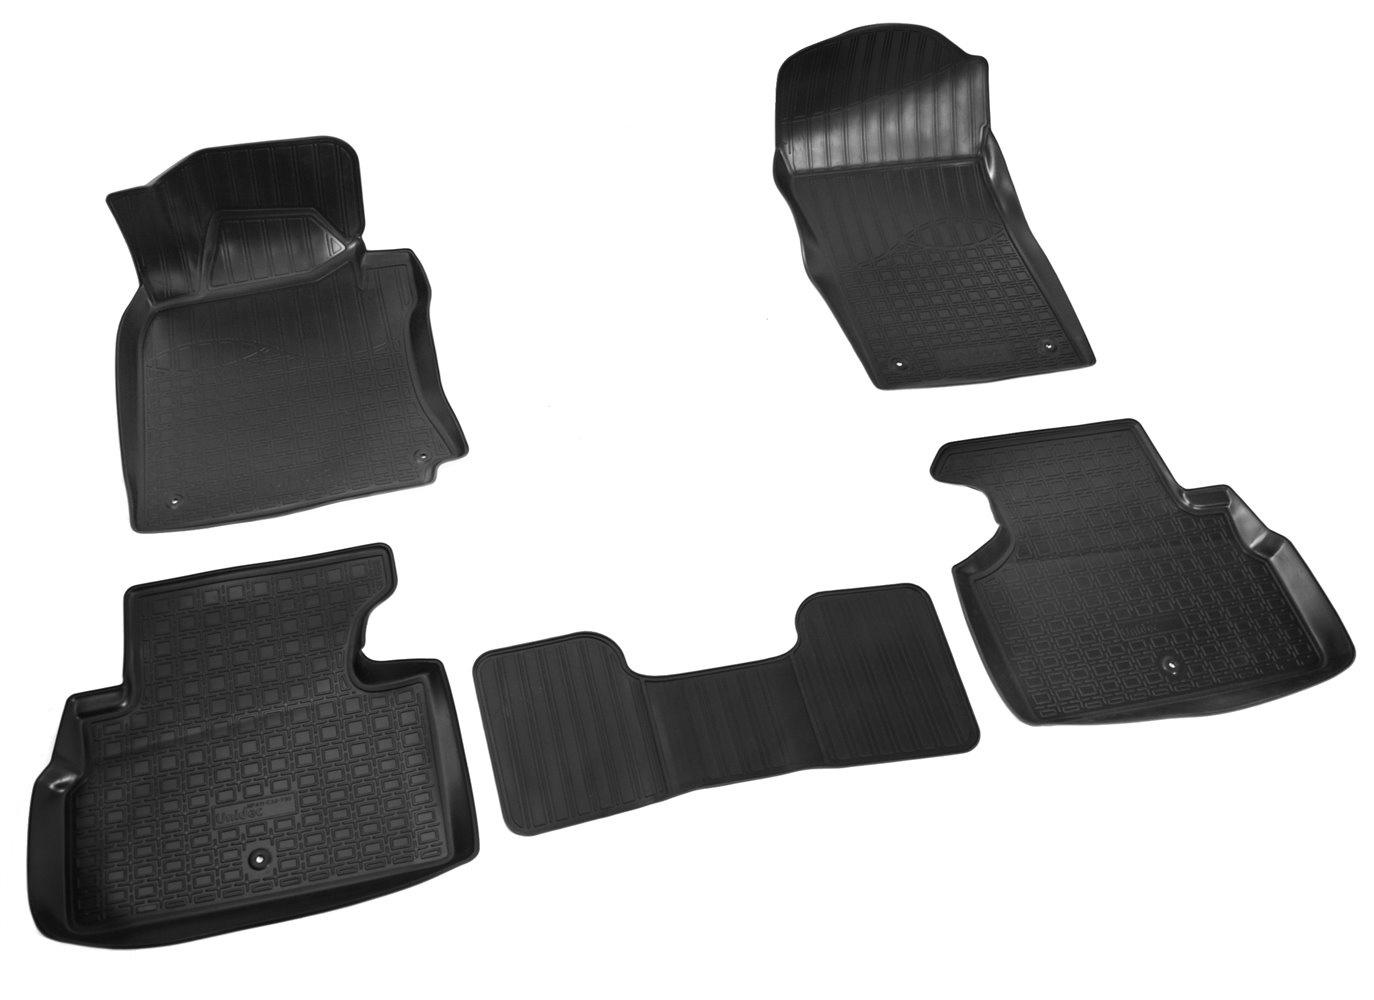 купить Коврики в салон автомобиля Norplast для Infiniti Q50 (V37) 3D (2013), NPA11-C33-730, черный по цене 1890 рублей